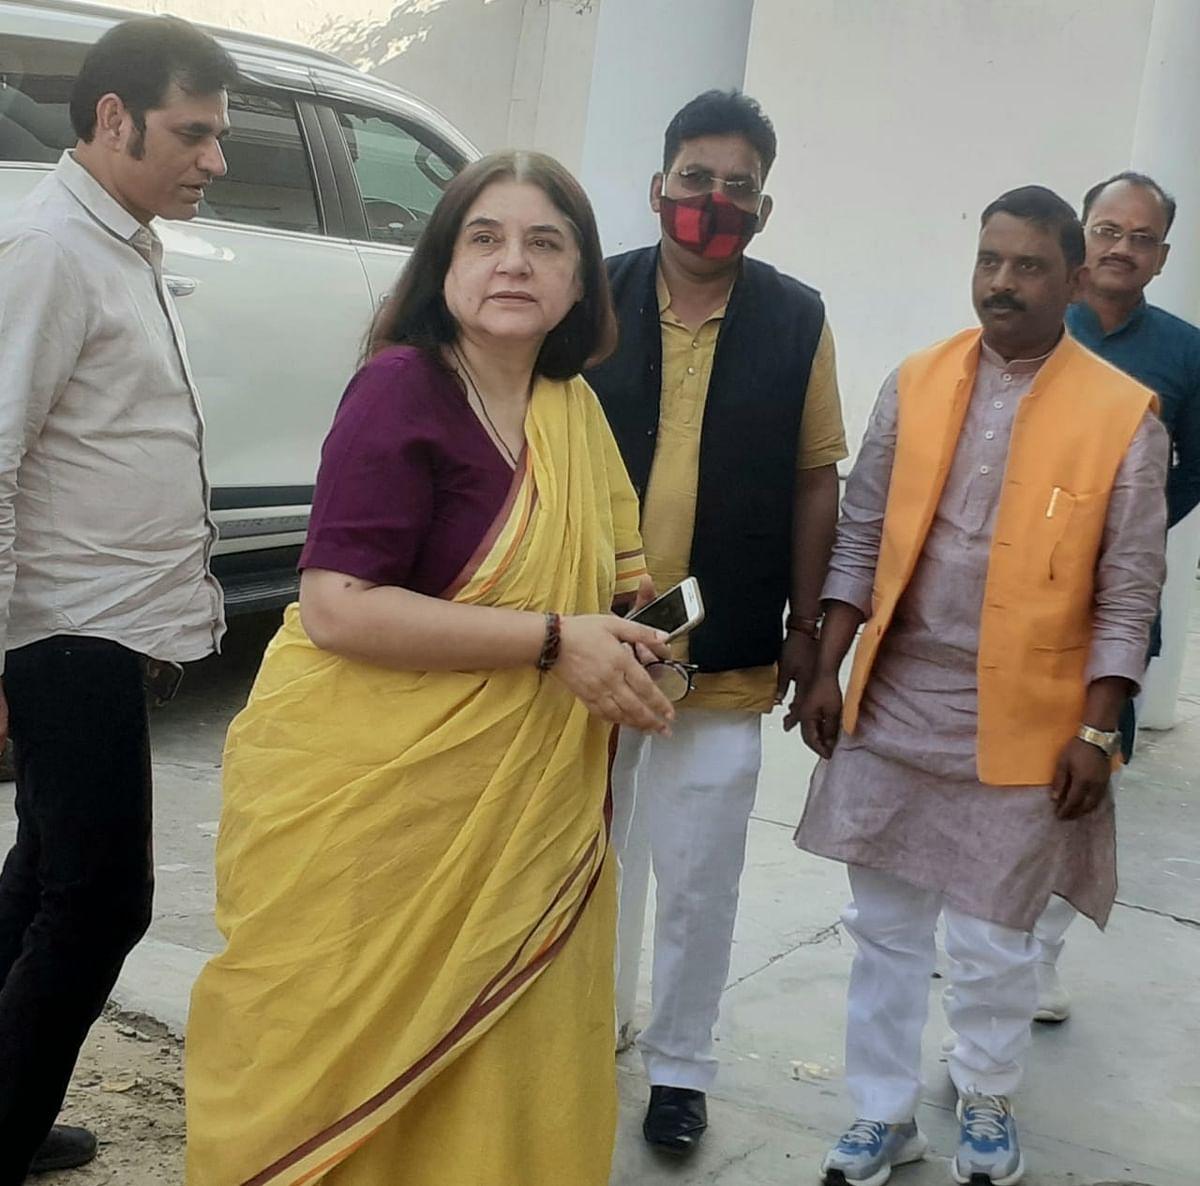 पंचायत चुनाव में भाजपा प्रत्याशियों को जीत दिलाने में पूरा योगदान रहेगा : मेनका गांधी